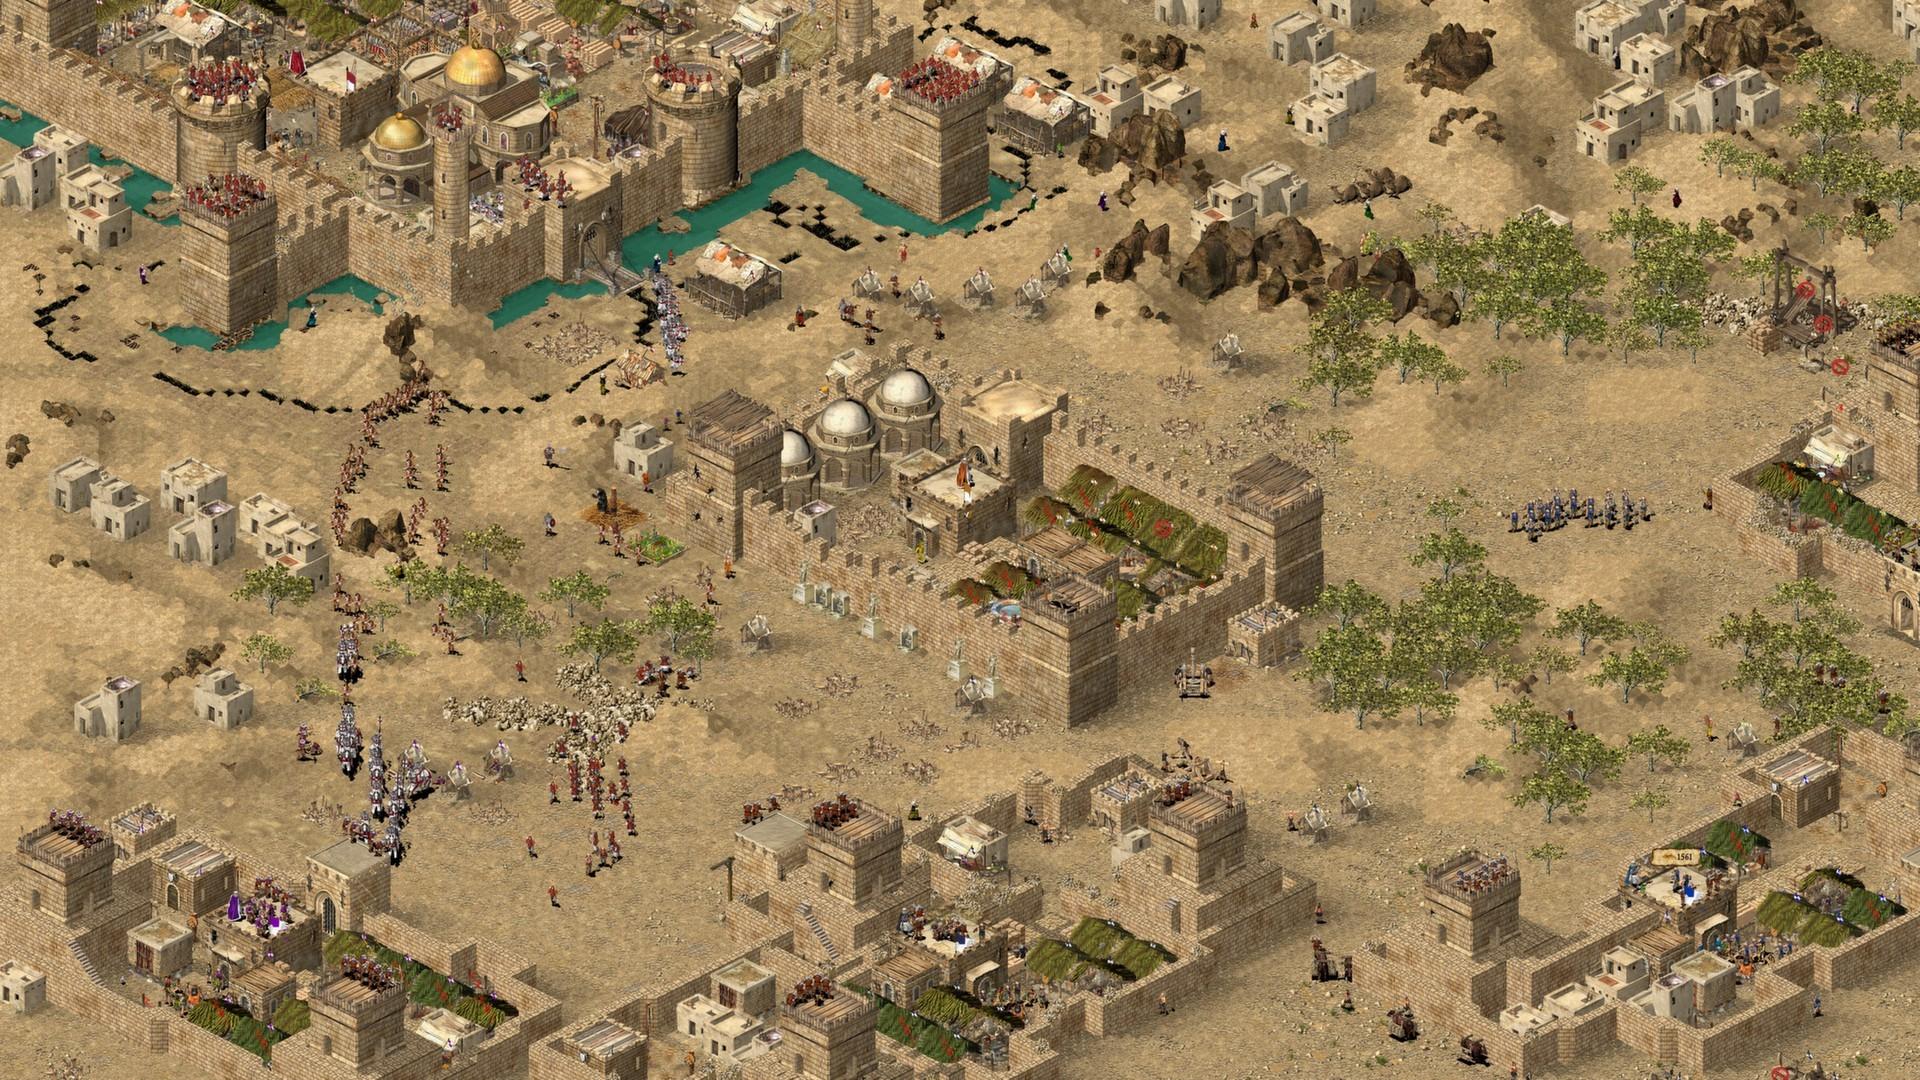 سی دی کی اریجینال استیم بازی Stronghold: Crusader HD